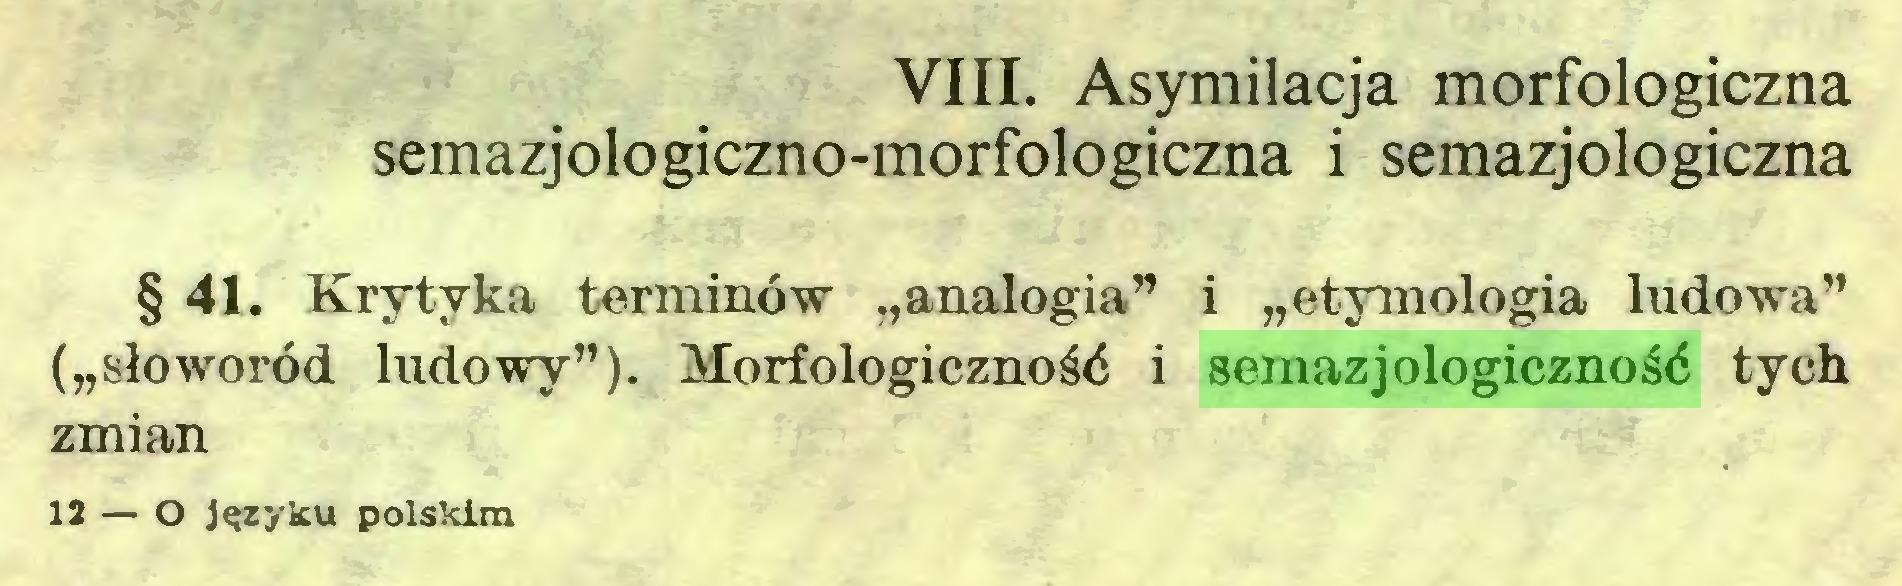 """(...) VIII. Asymilacja morfologiczna semazjologiczno-morfologiczna i semazjologiczna § 41. Krytyka terminów """"analogia"""" i """"etymologia ludowa"""" (""""słoworód ludowy""""). Morfologiczność i semazjologiczność tych zmian 12 — O języku polskim..."""